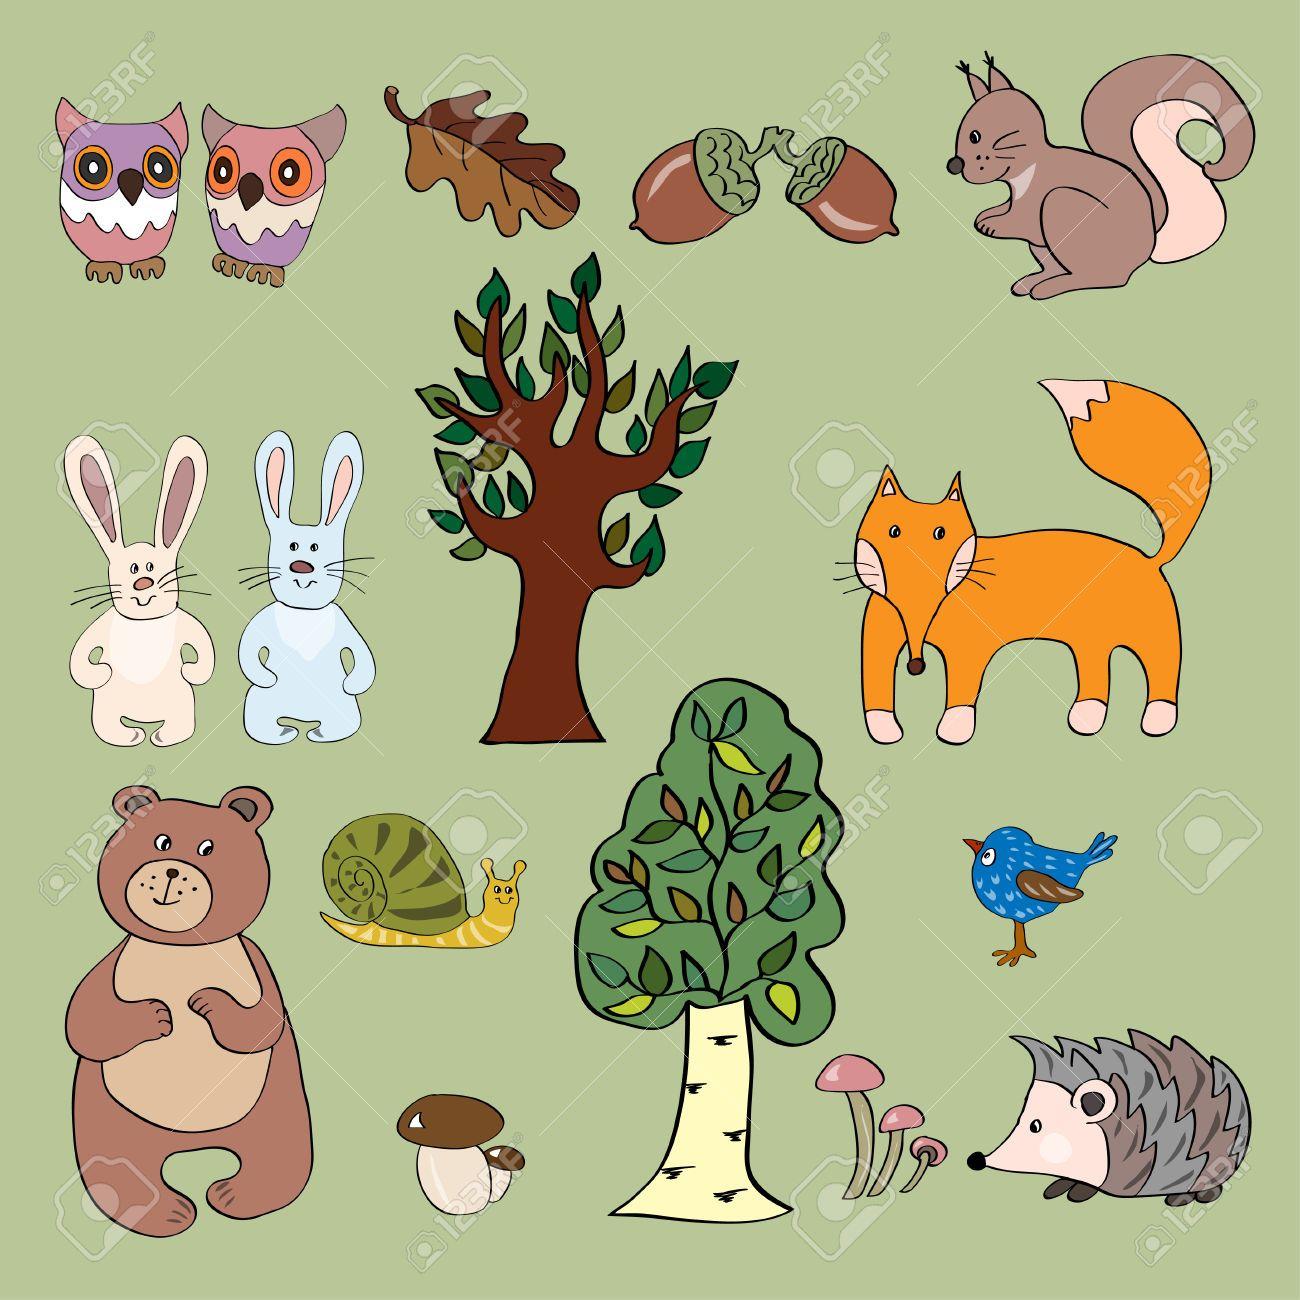 Imagini pentru erdei állatok | erdő lakói | Pinterest | Searching